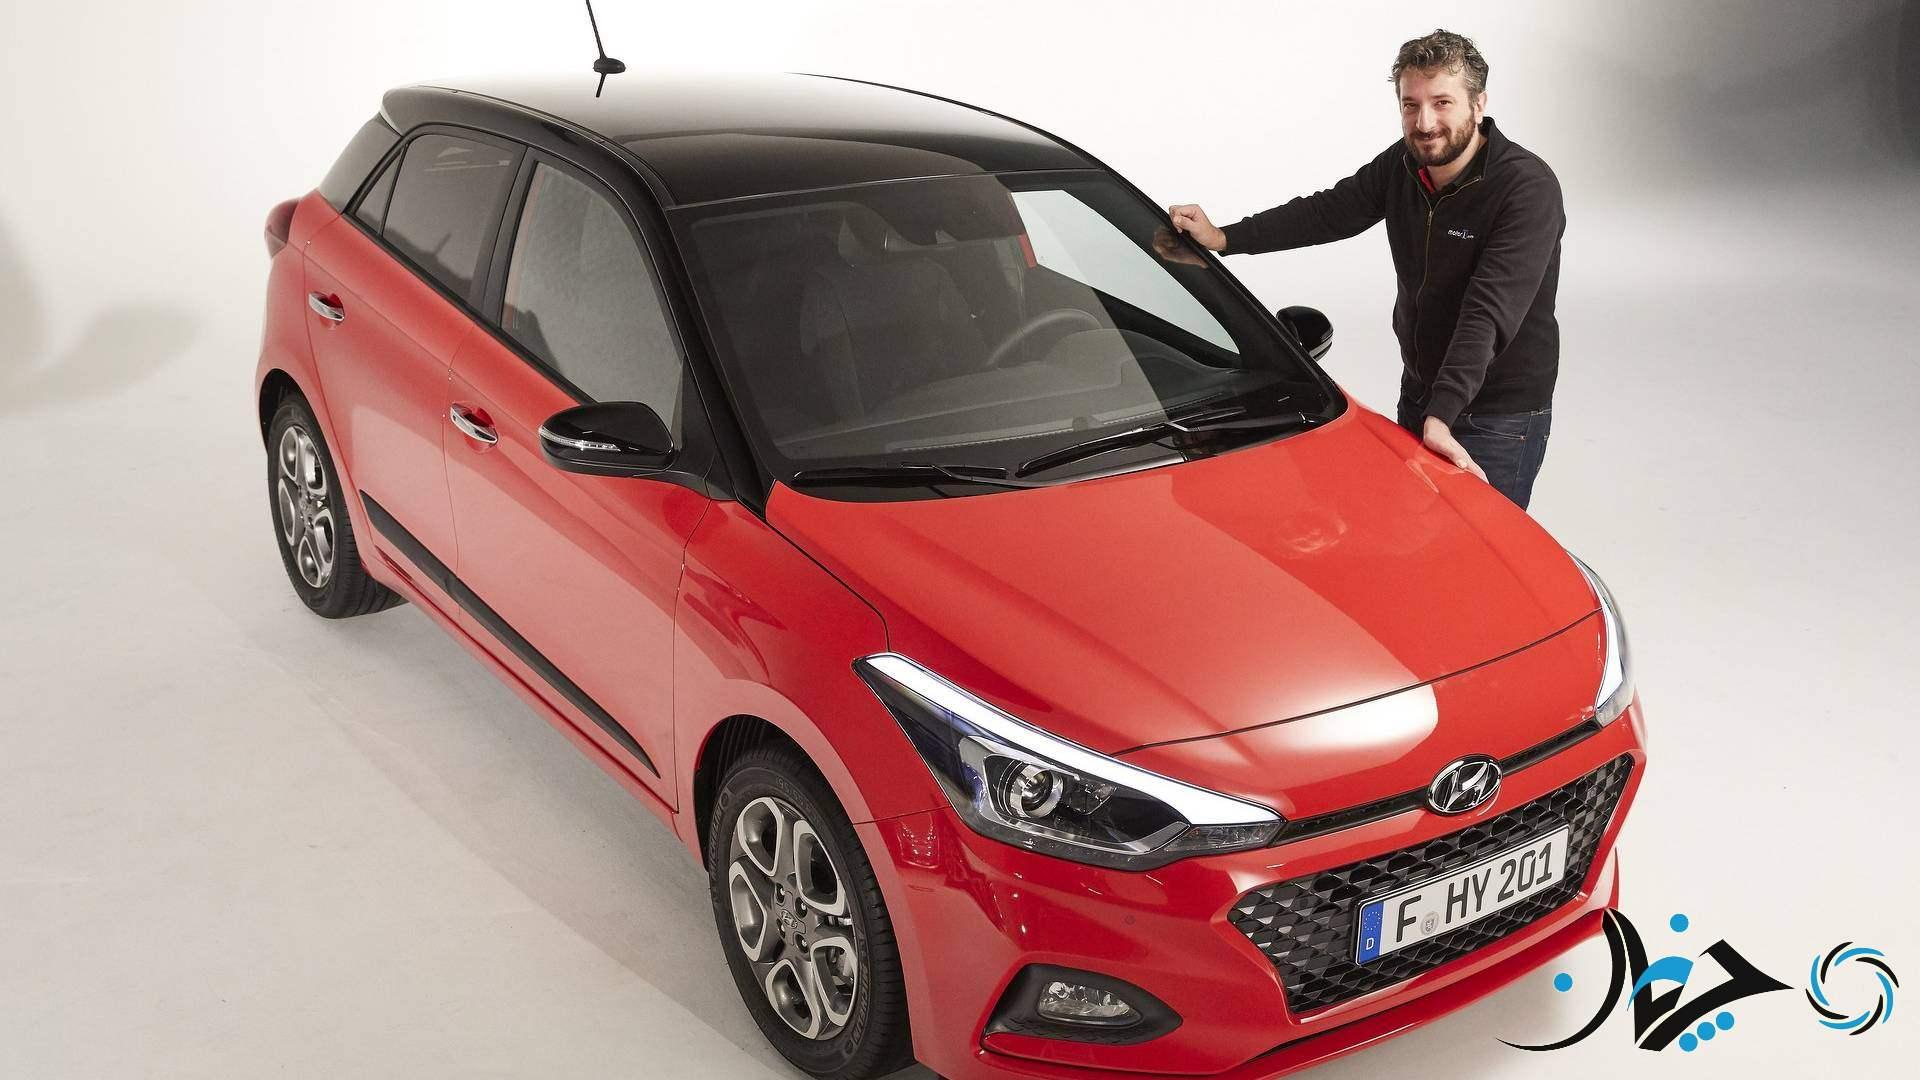 هیوندای i20 اکتیو مدل 2018 رونمایی شد